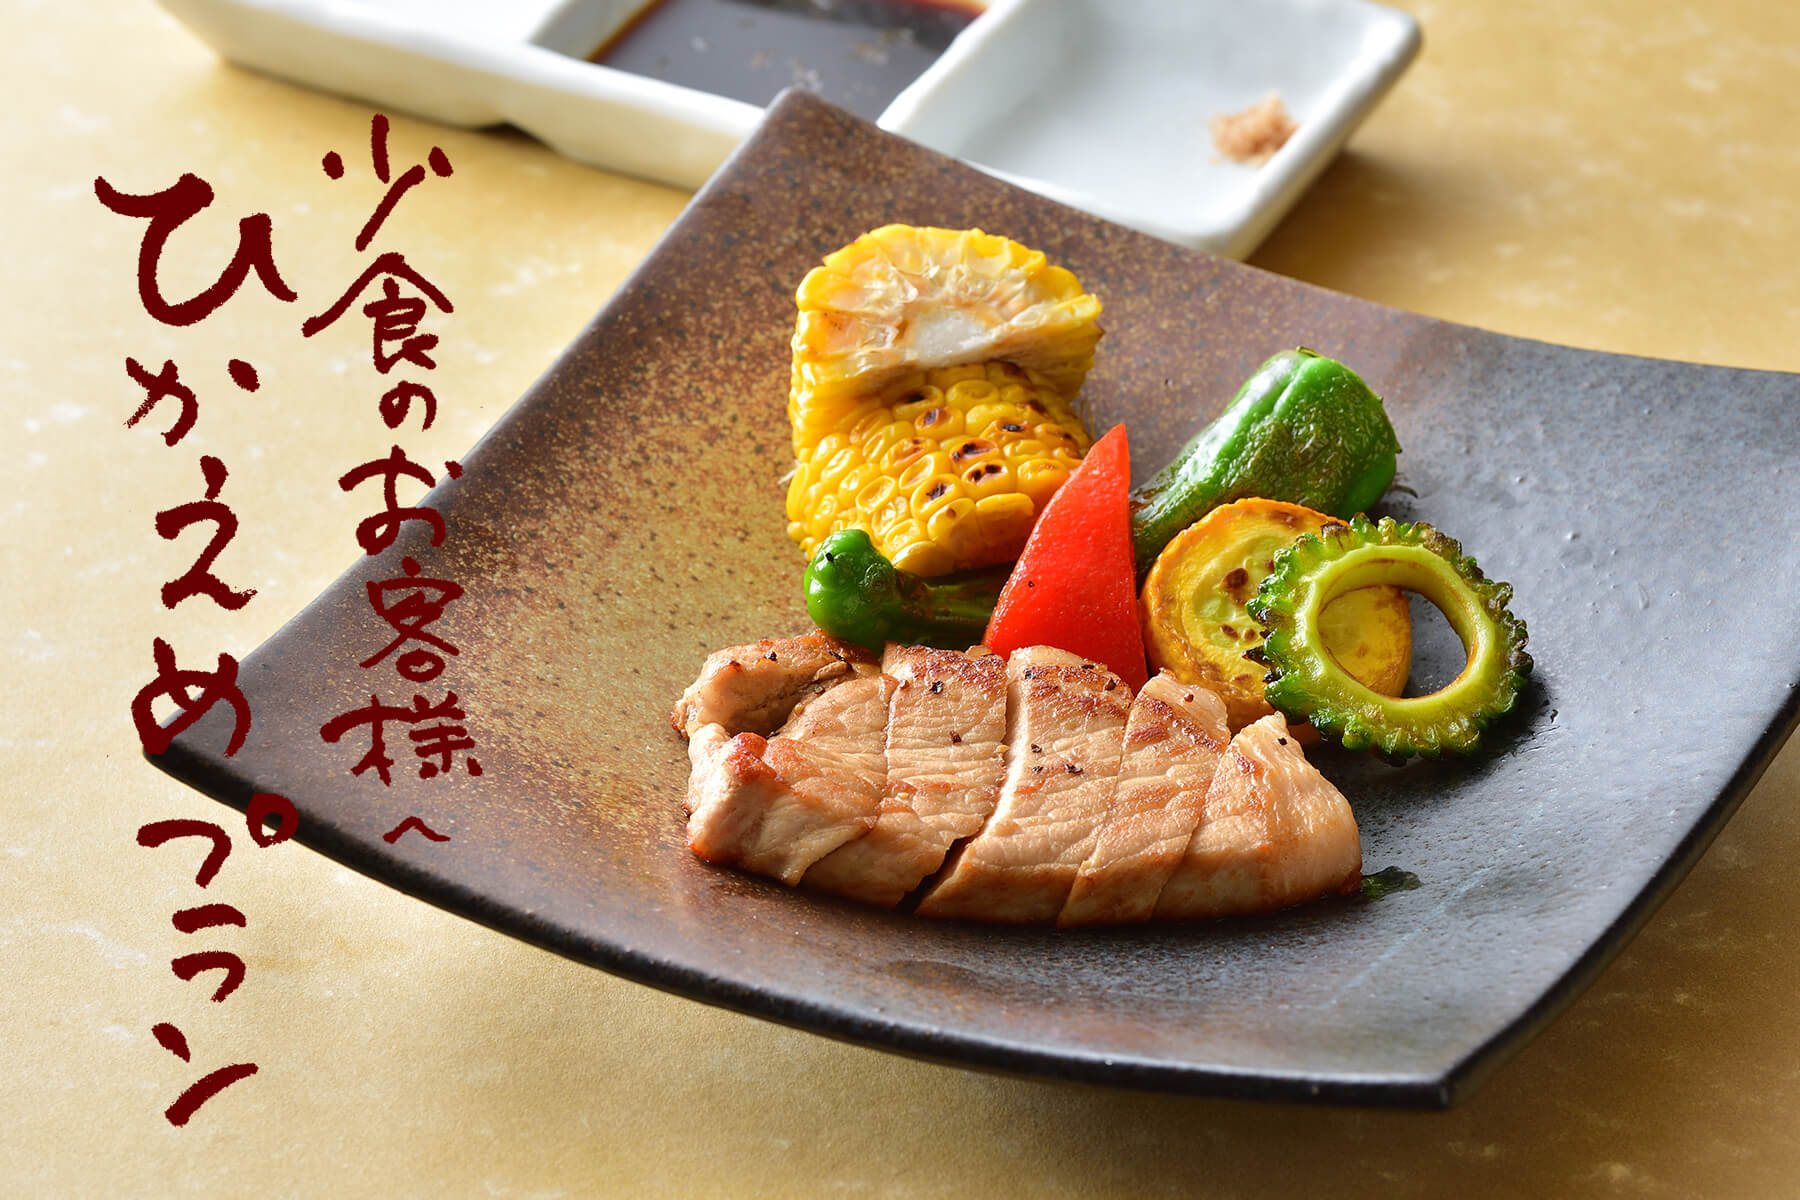 〈ひかえめプラン 2020夏〉日にち限定!新潟の美味しいものを控えめに堪能!